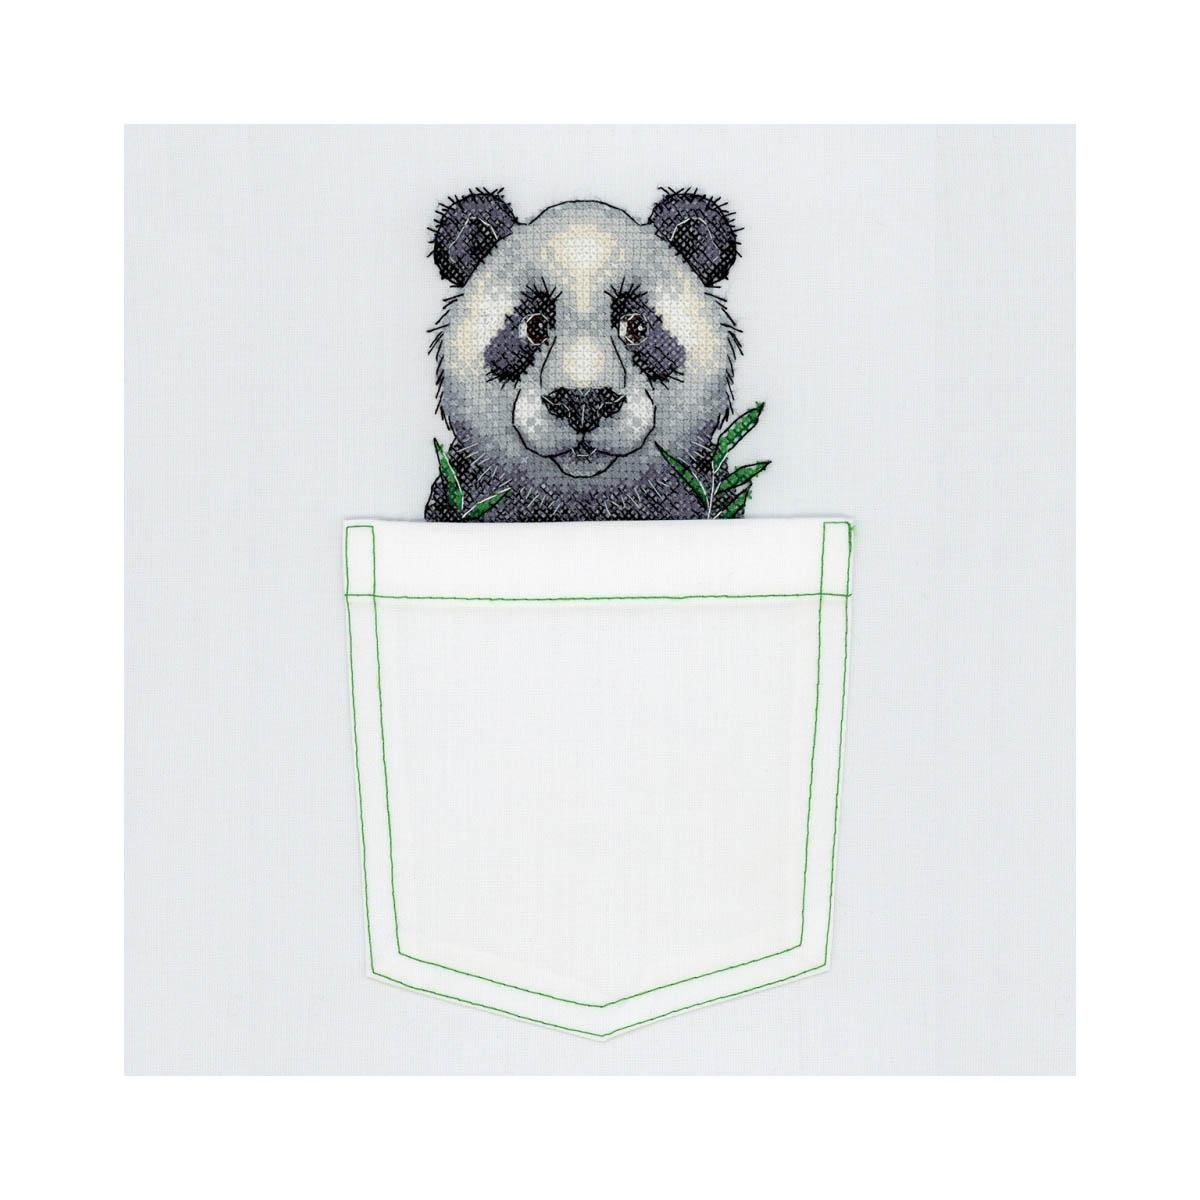 В-241 Набор для вышивания крестом на одежде МП Студия 'Веселая панда' 8*9см